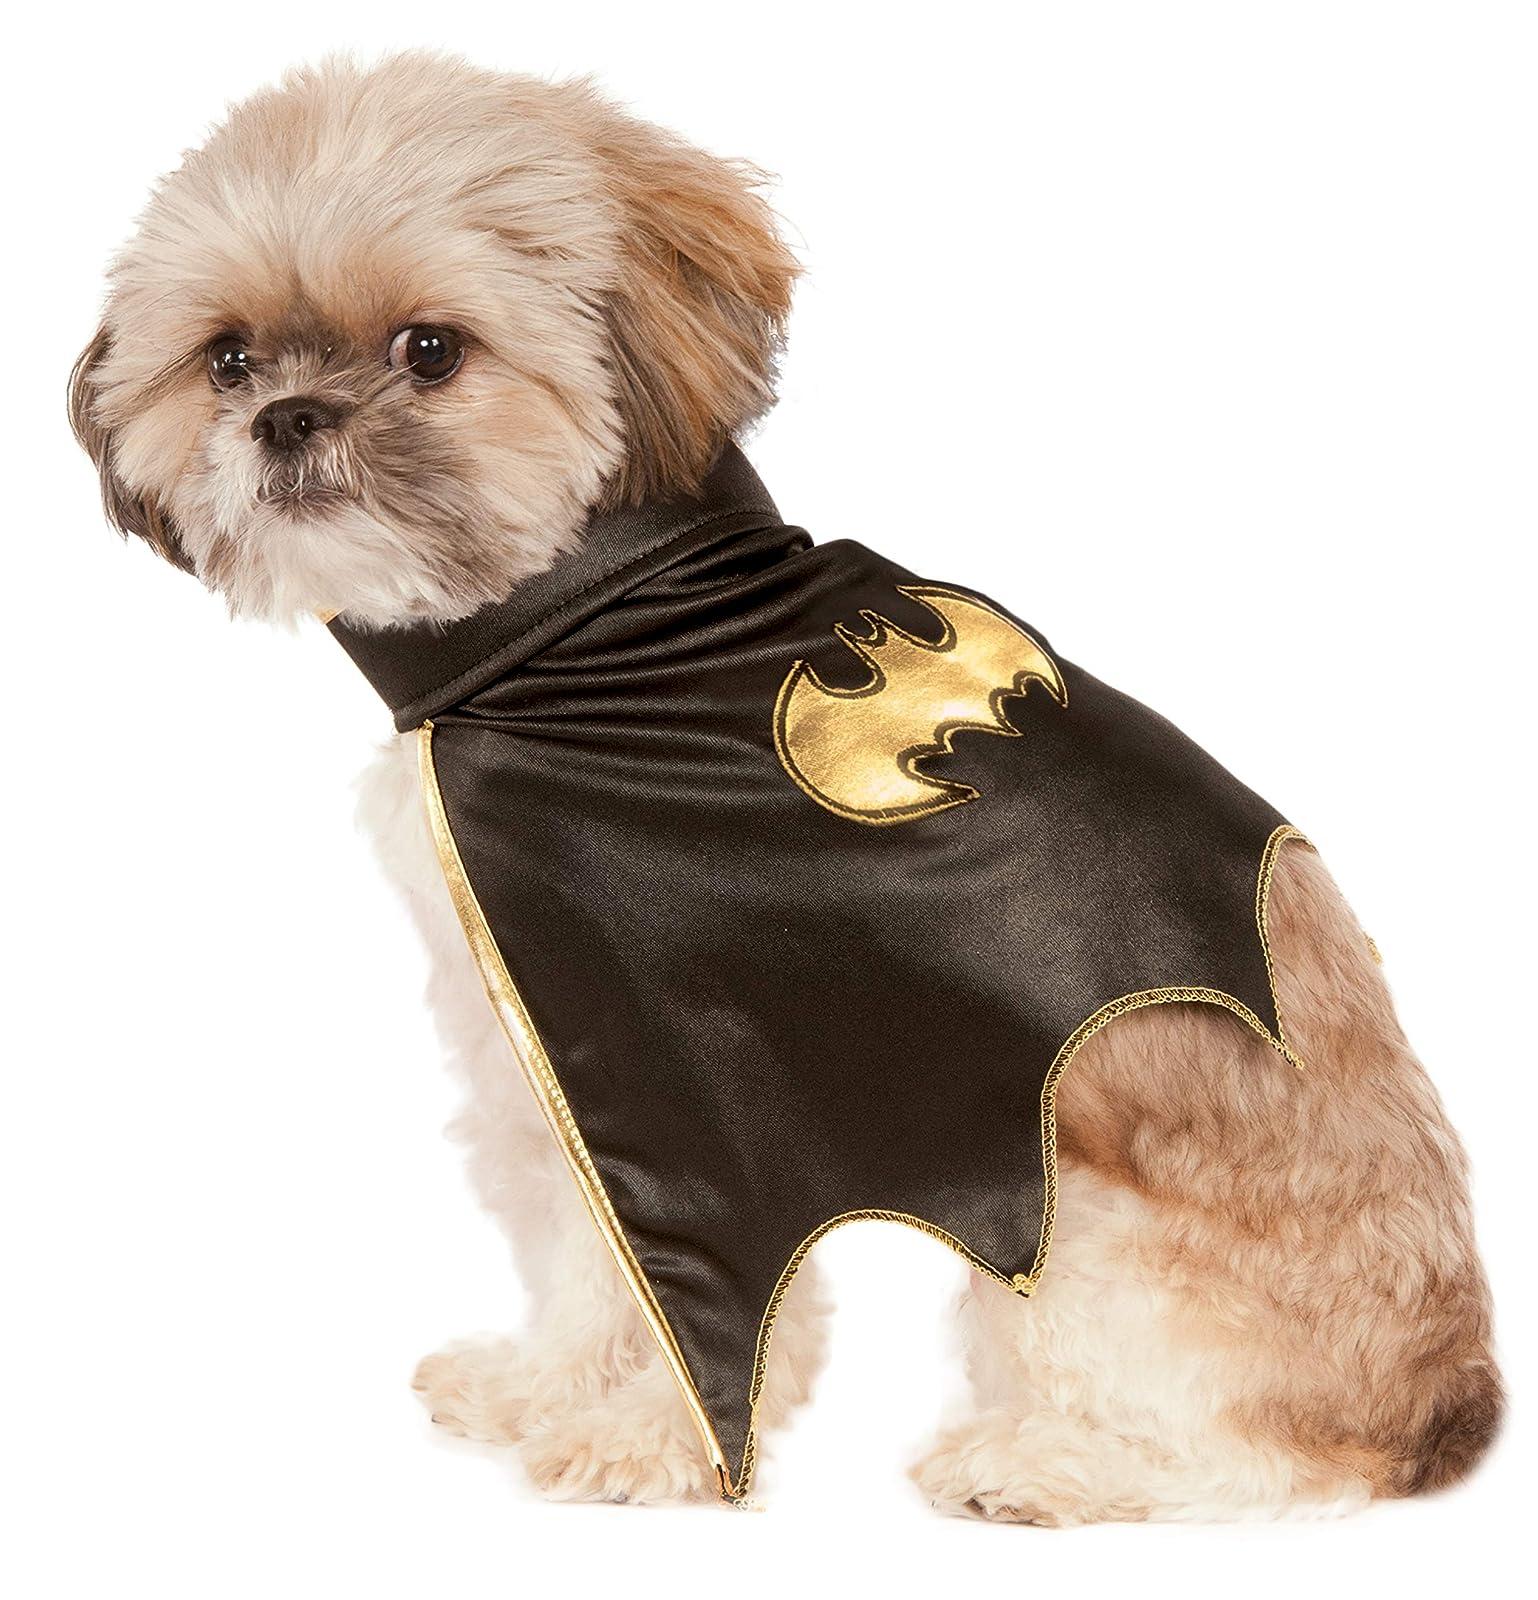 DC Comics Batgirl Pet Cape Medium 580319 M Multicolor - 4